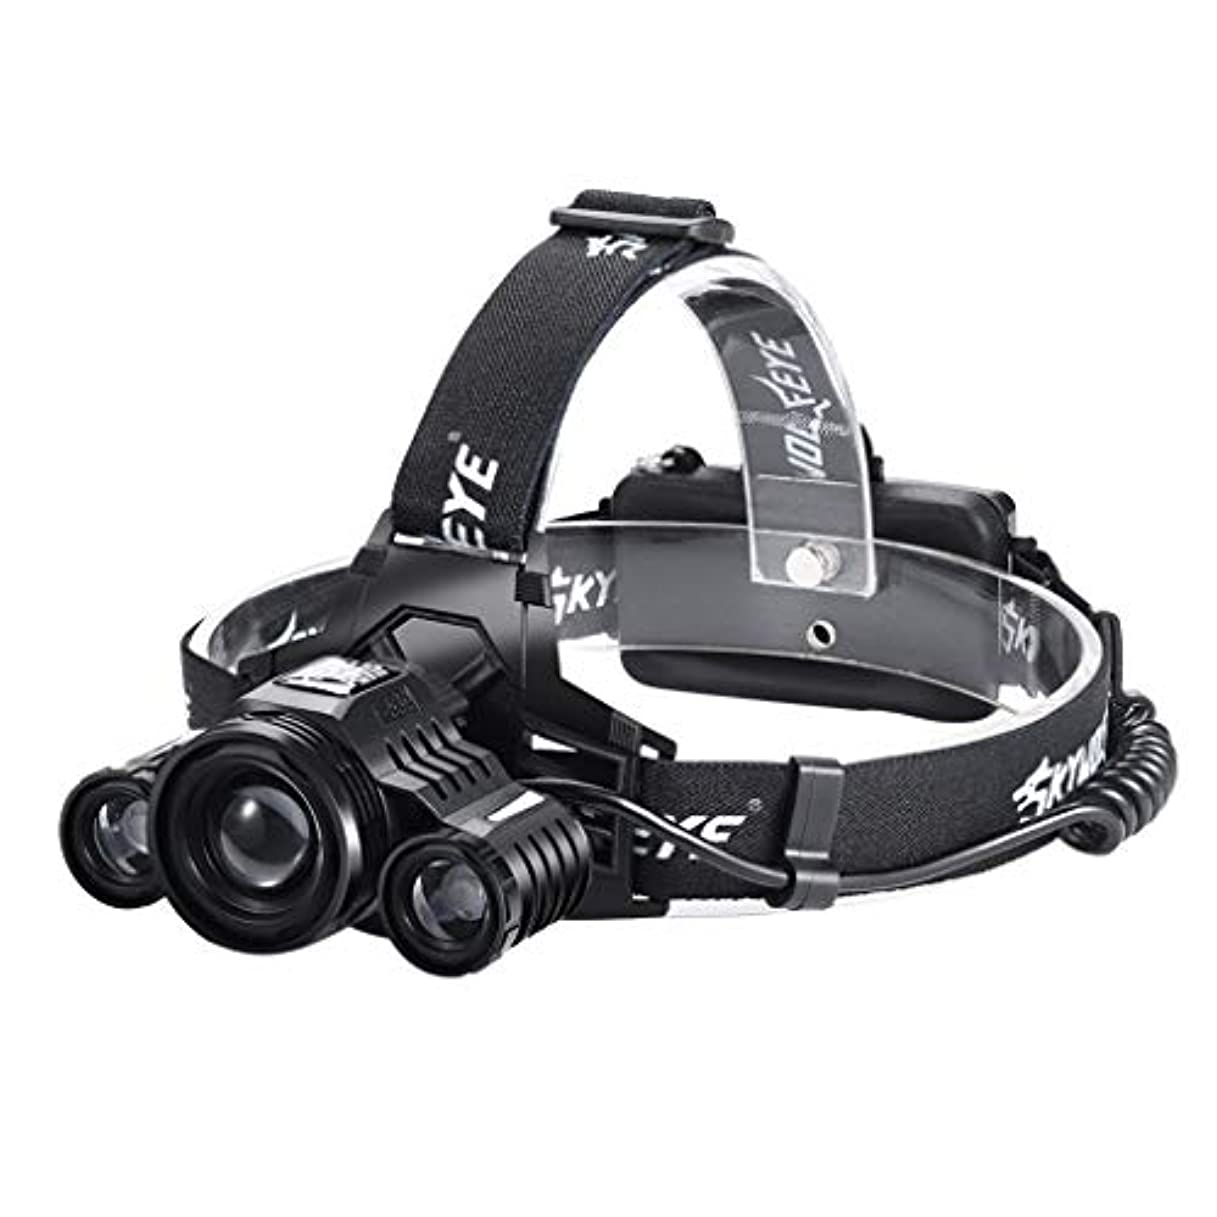 学部調整ログ2X XPE T6 LEDヘッドランプ 可充電式 ヘッドライト TangQI 高輝度 調節可能な焦点距離 防水機能 18650バッテリー 角度調節可能 5点灯モード 作業 夜釣り キャンプ 登山 アウトドア活動に適用